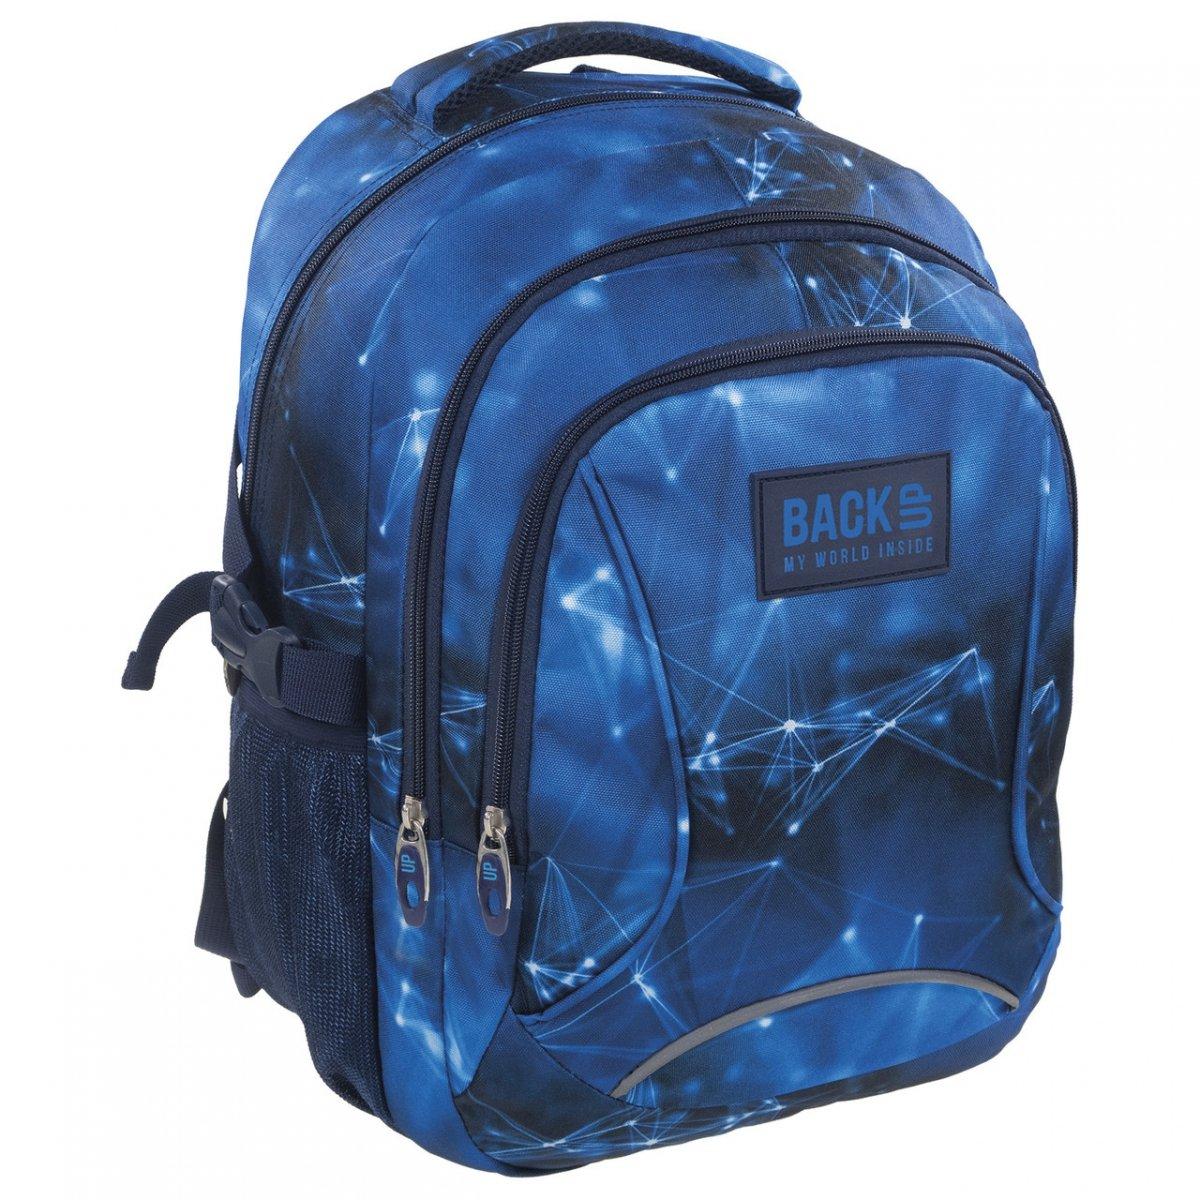 fe6225e4665ba Plecak szkolny młodzieżowy Back UP niebieskie wzory BLUE NET (PLB1F47)